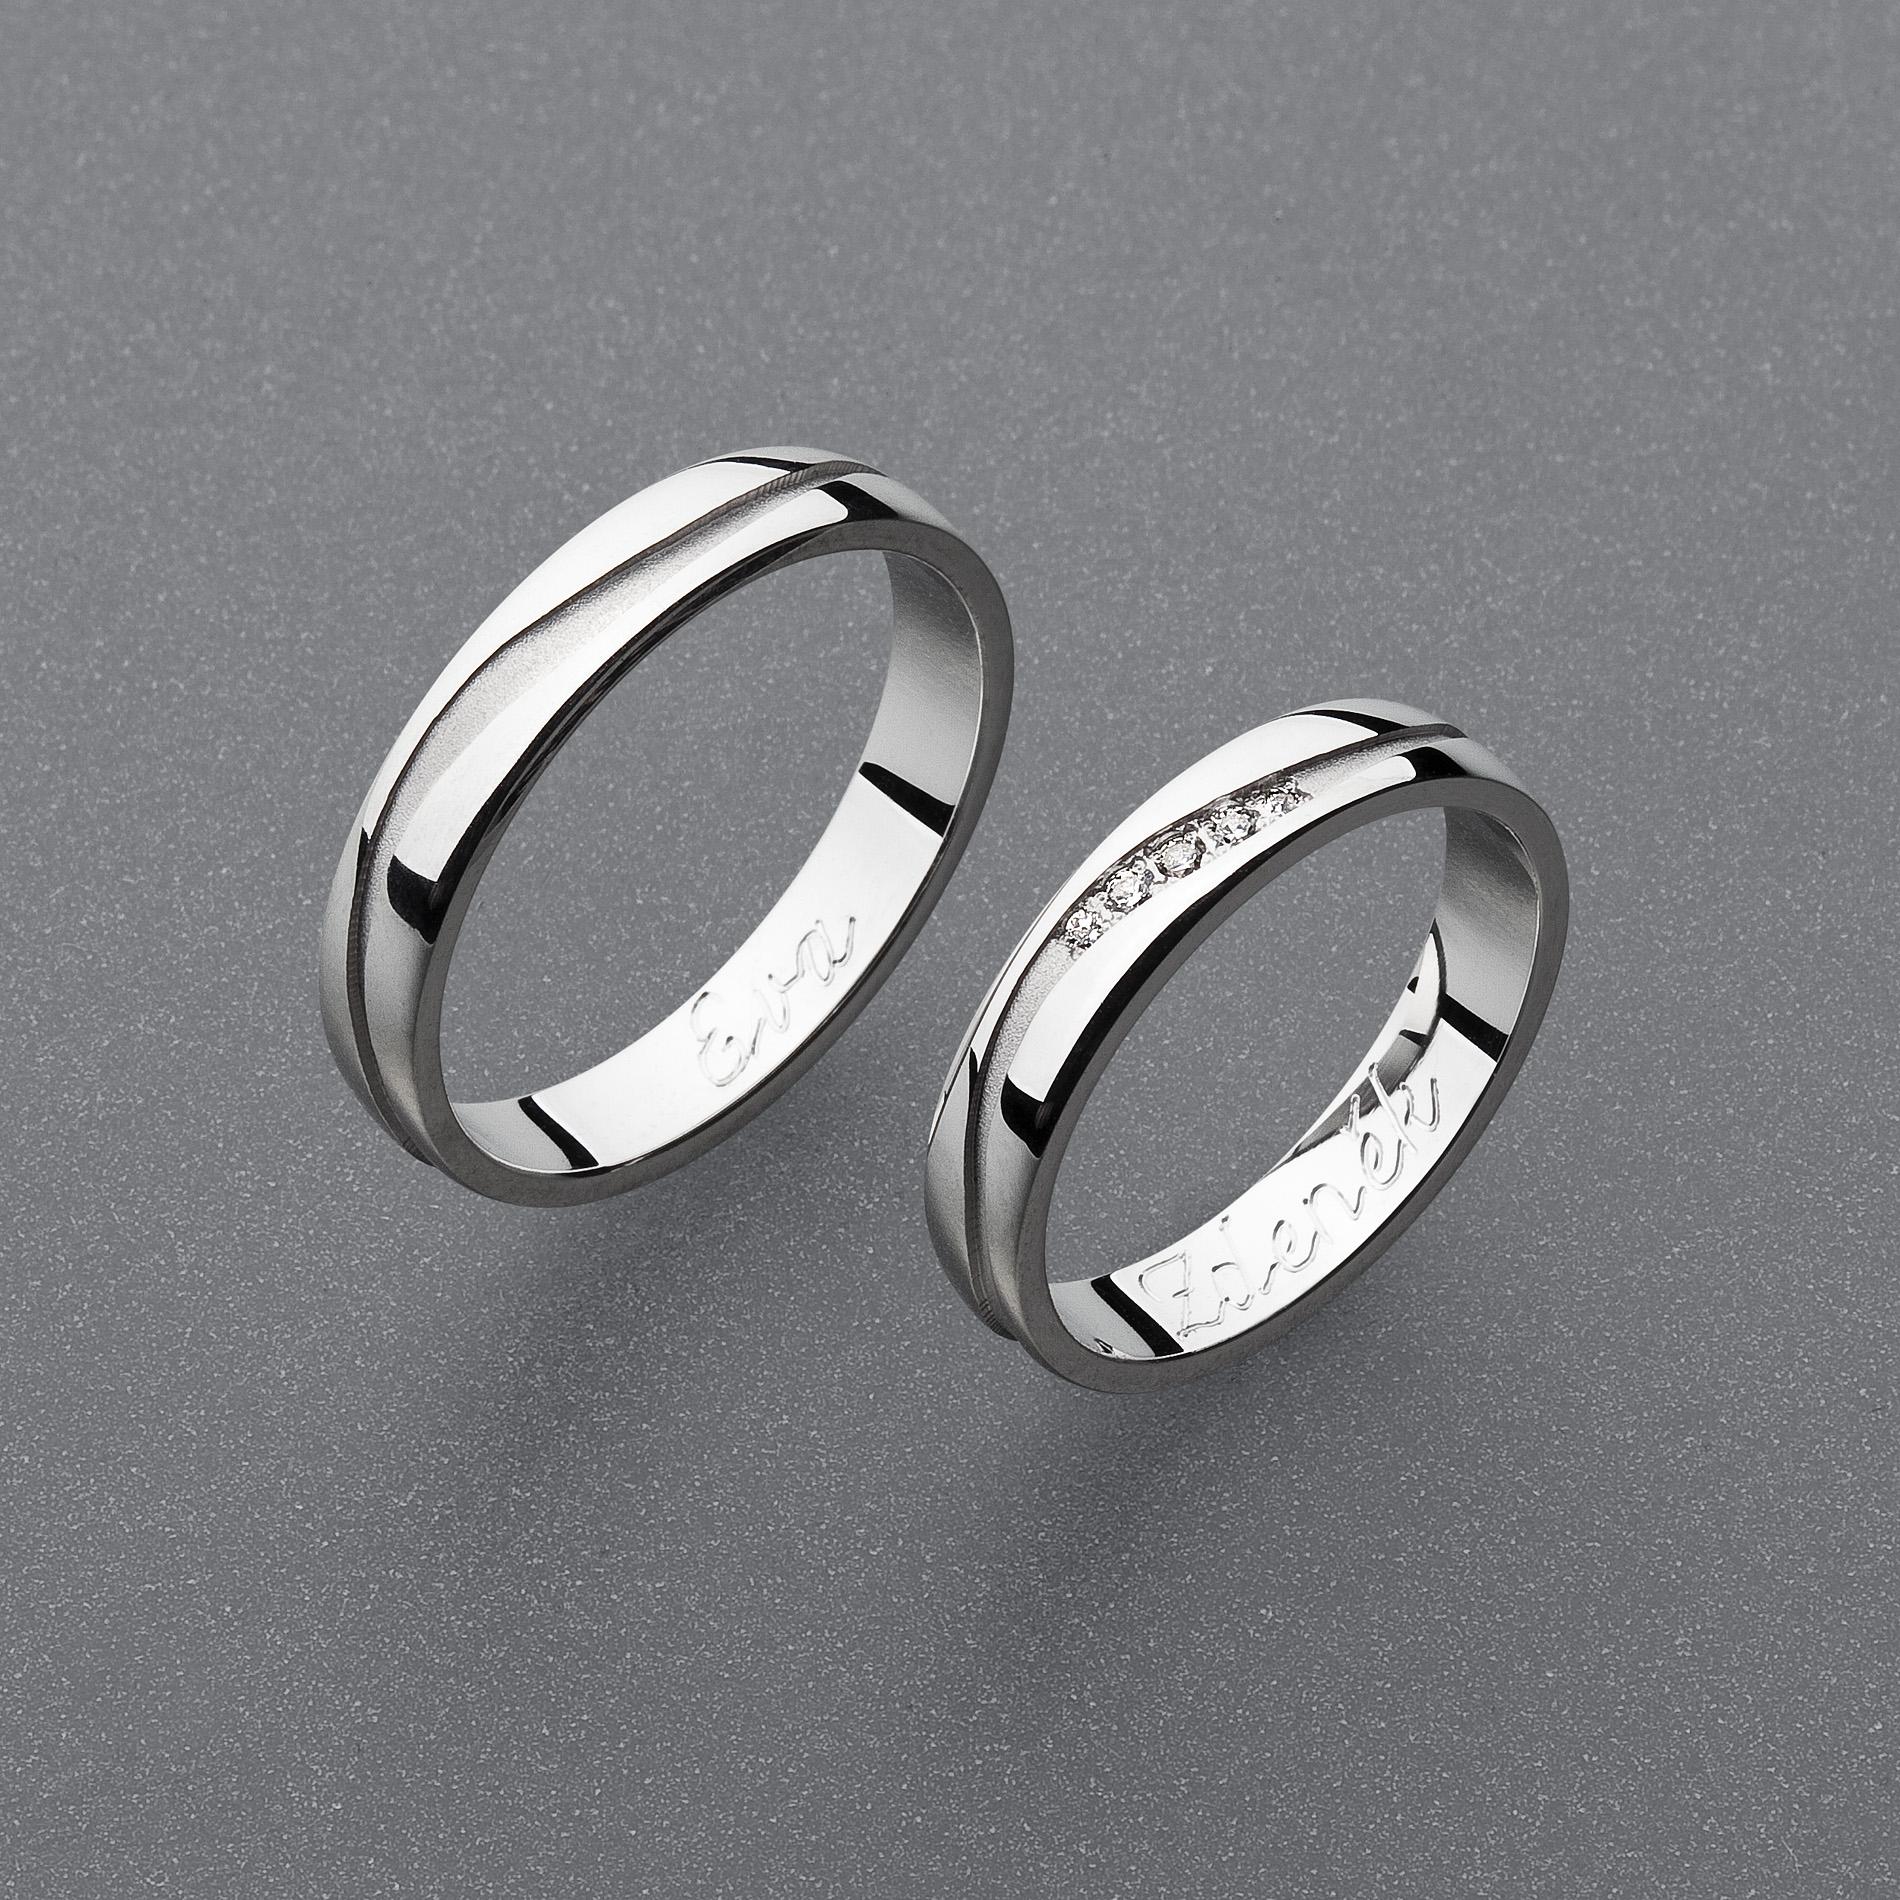 Stribrne Snubni Prsteny Vzor Z93